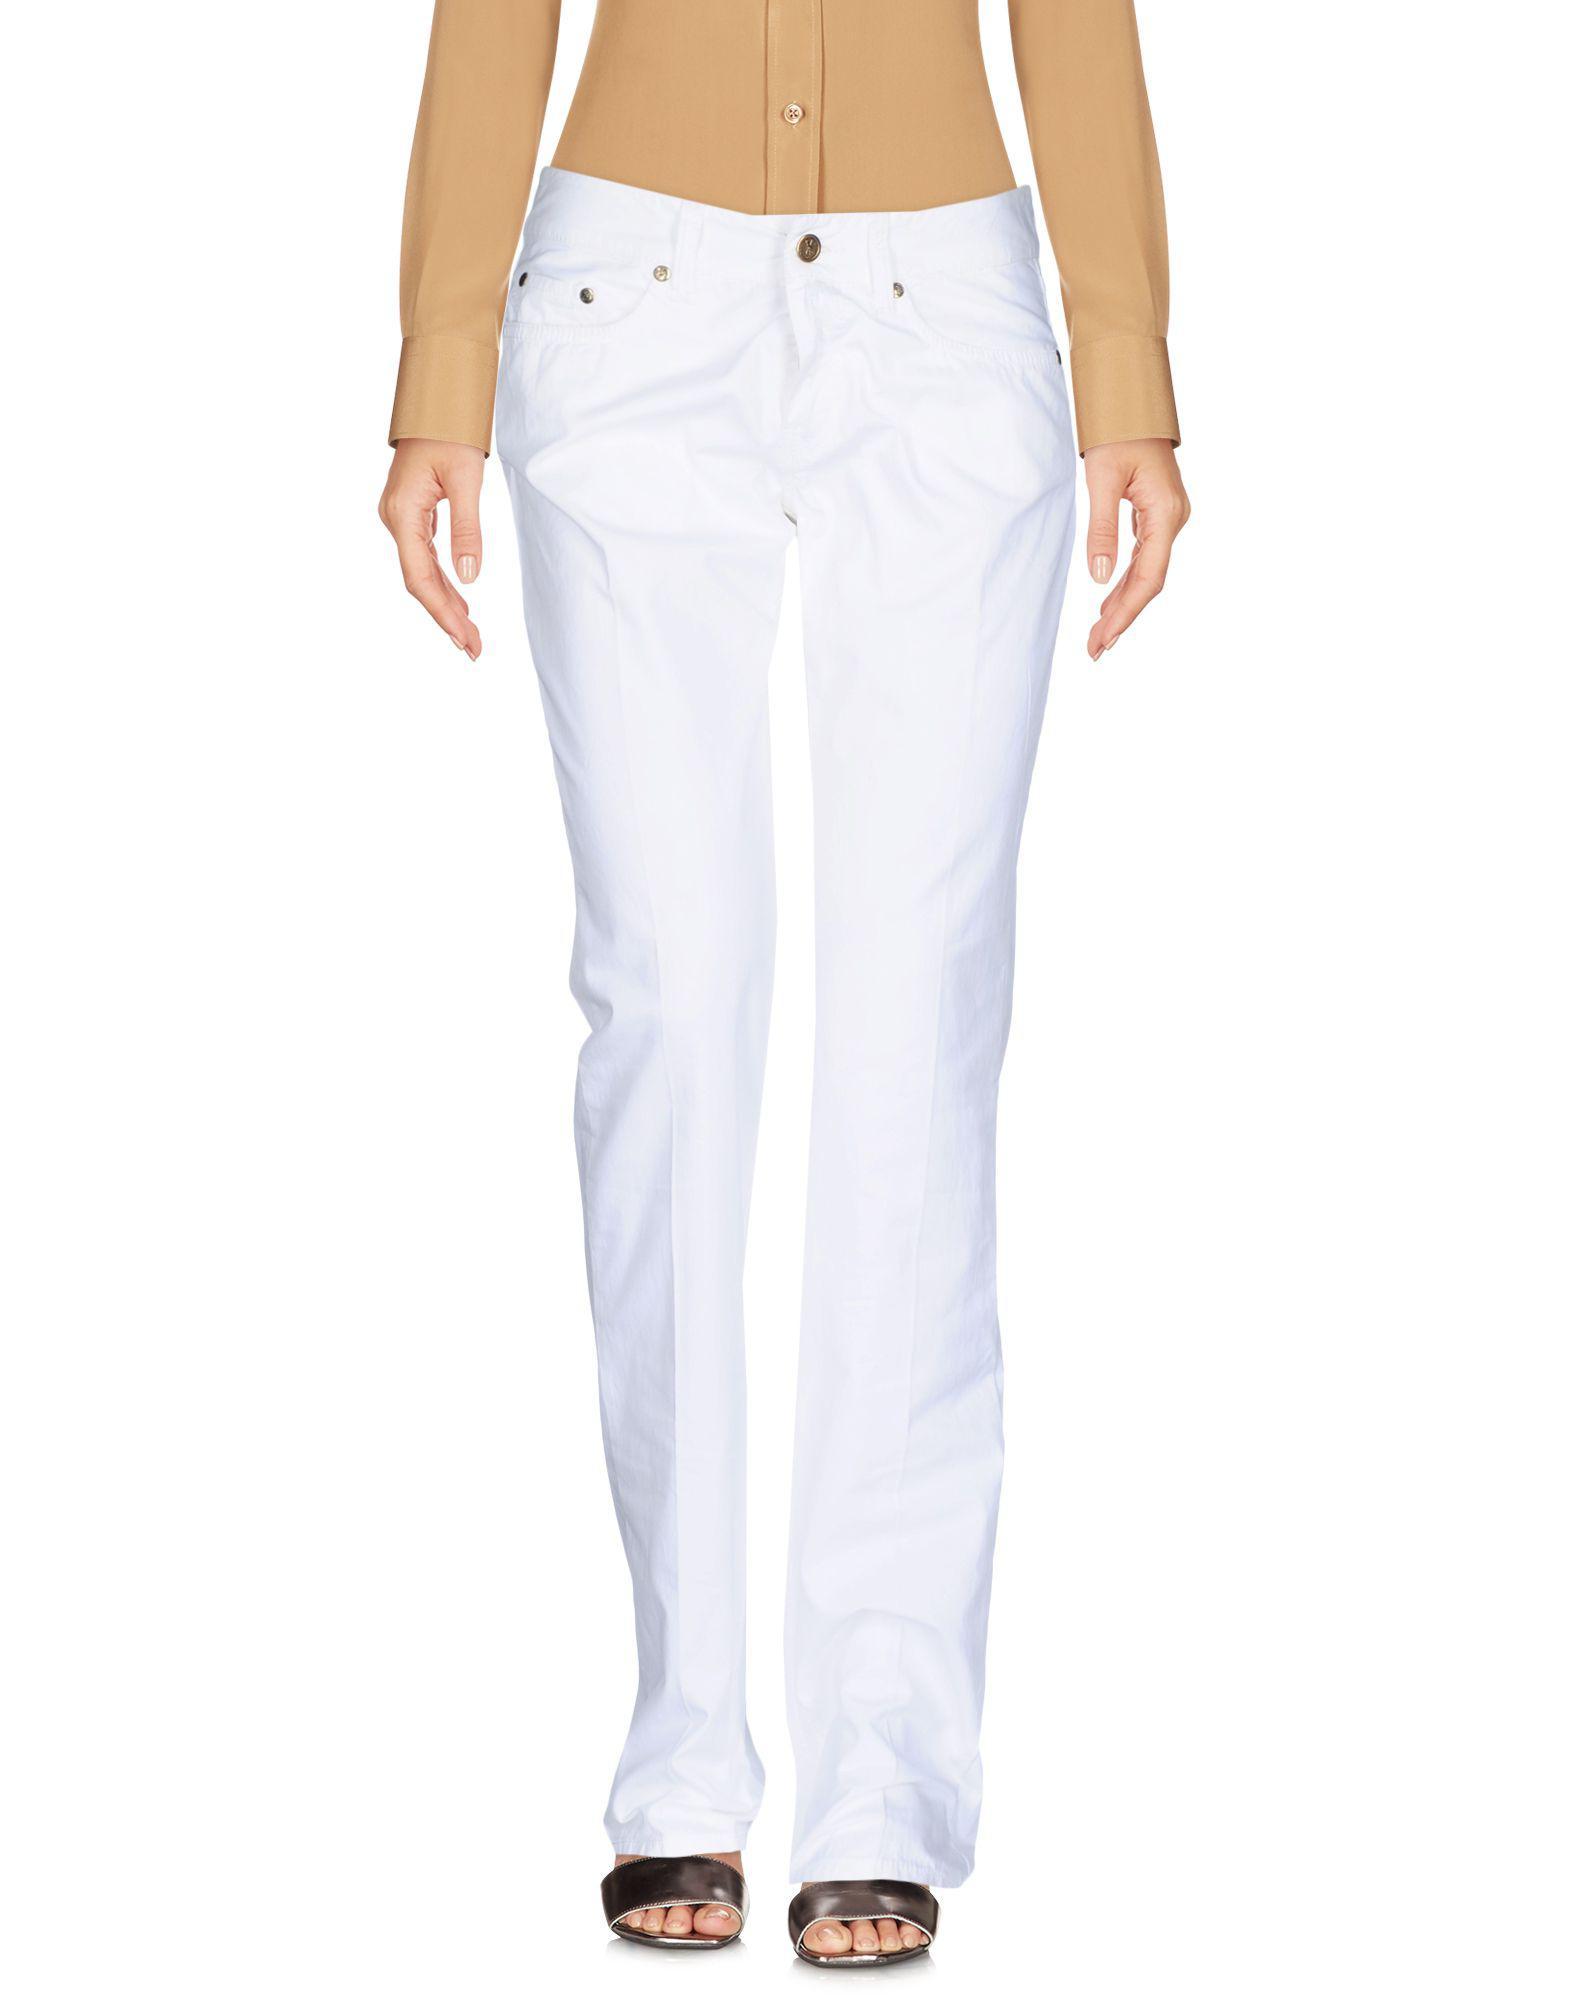 Pantalons - Pantalons Roberta Di Camerino tbI6qPV8D